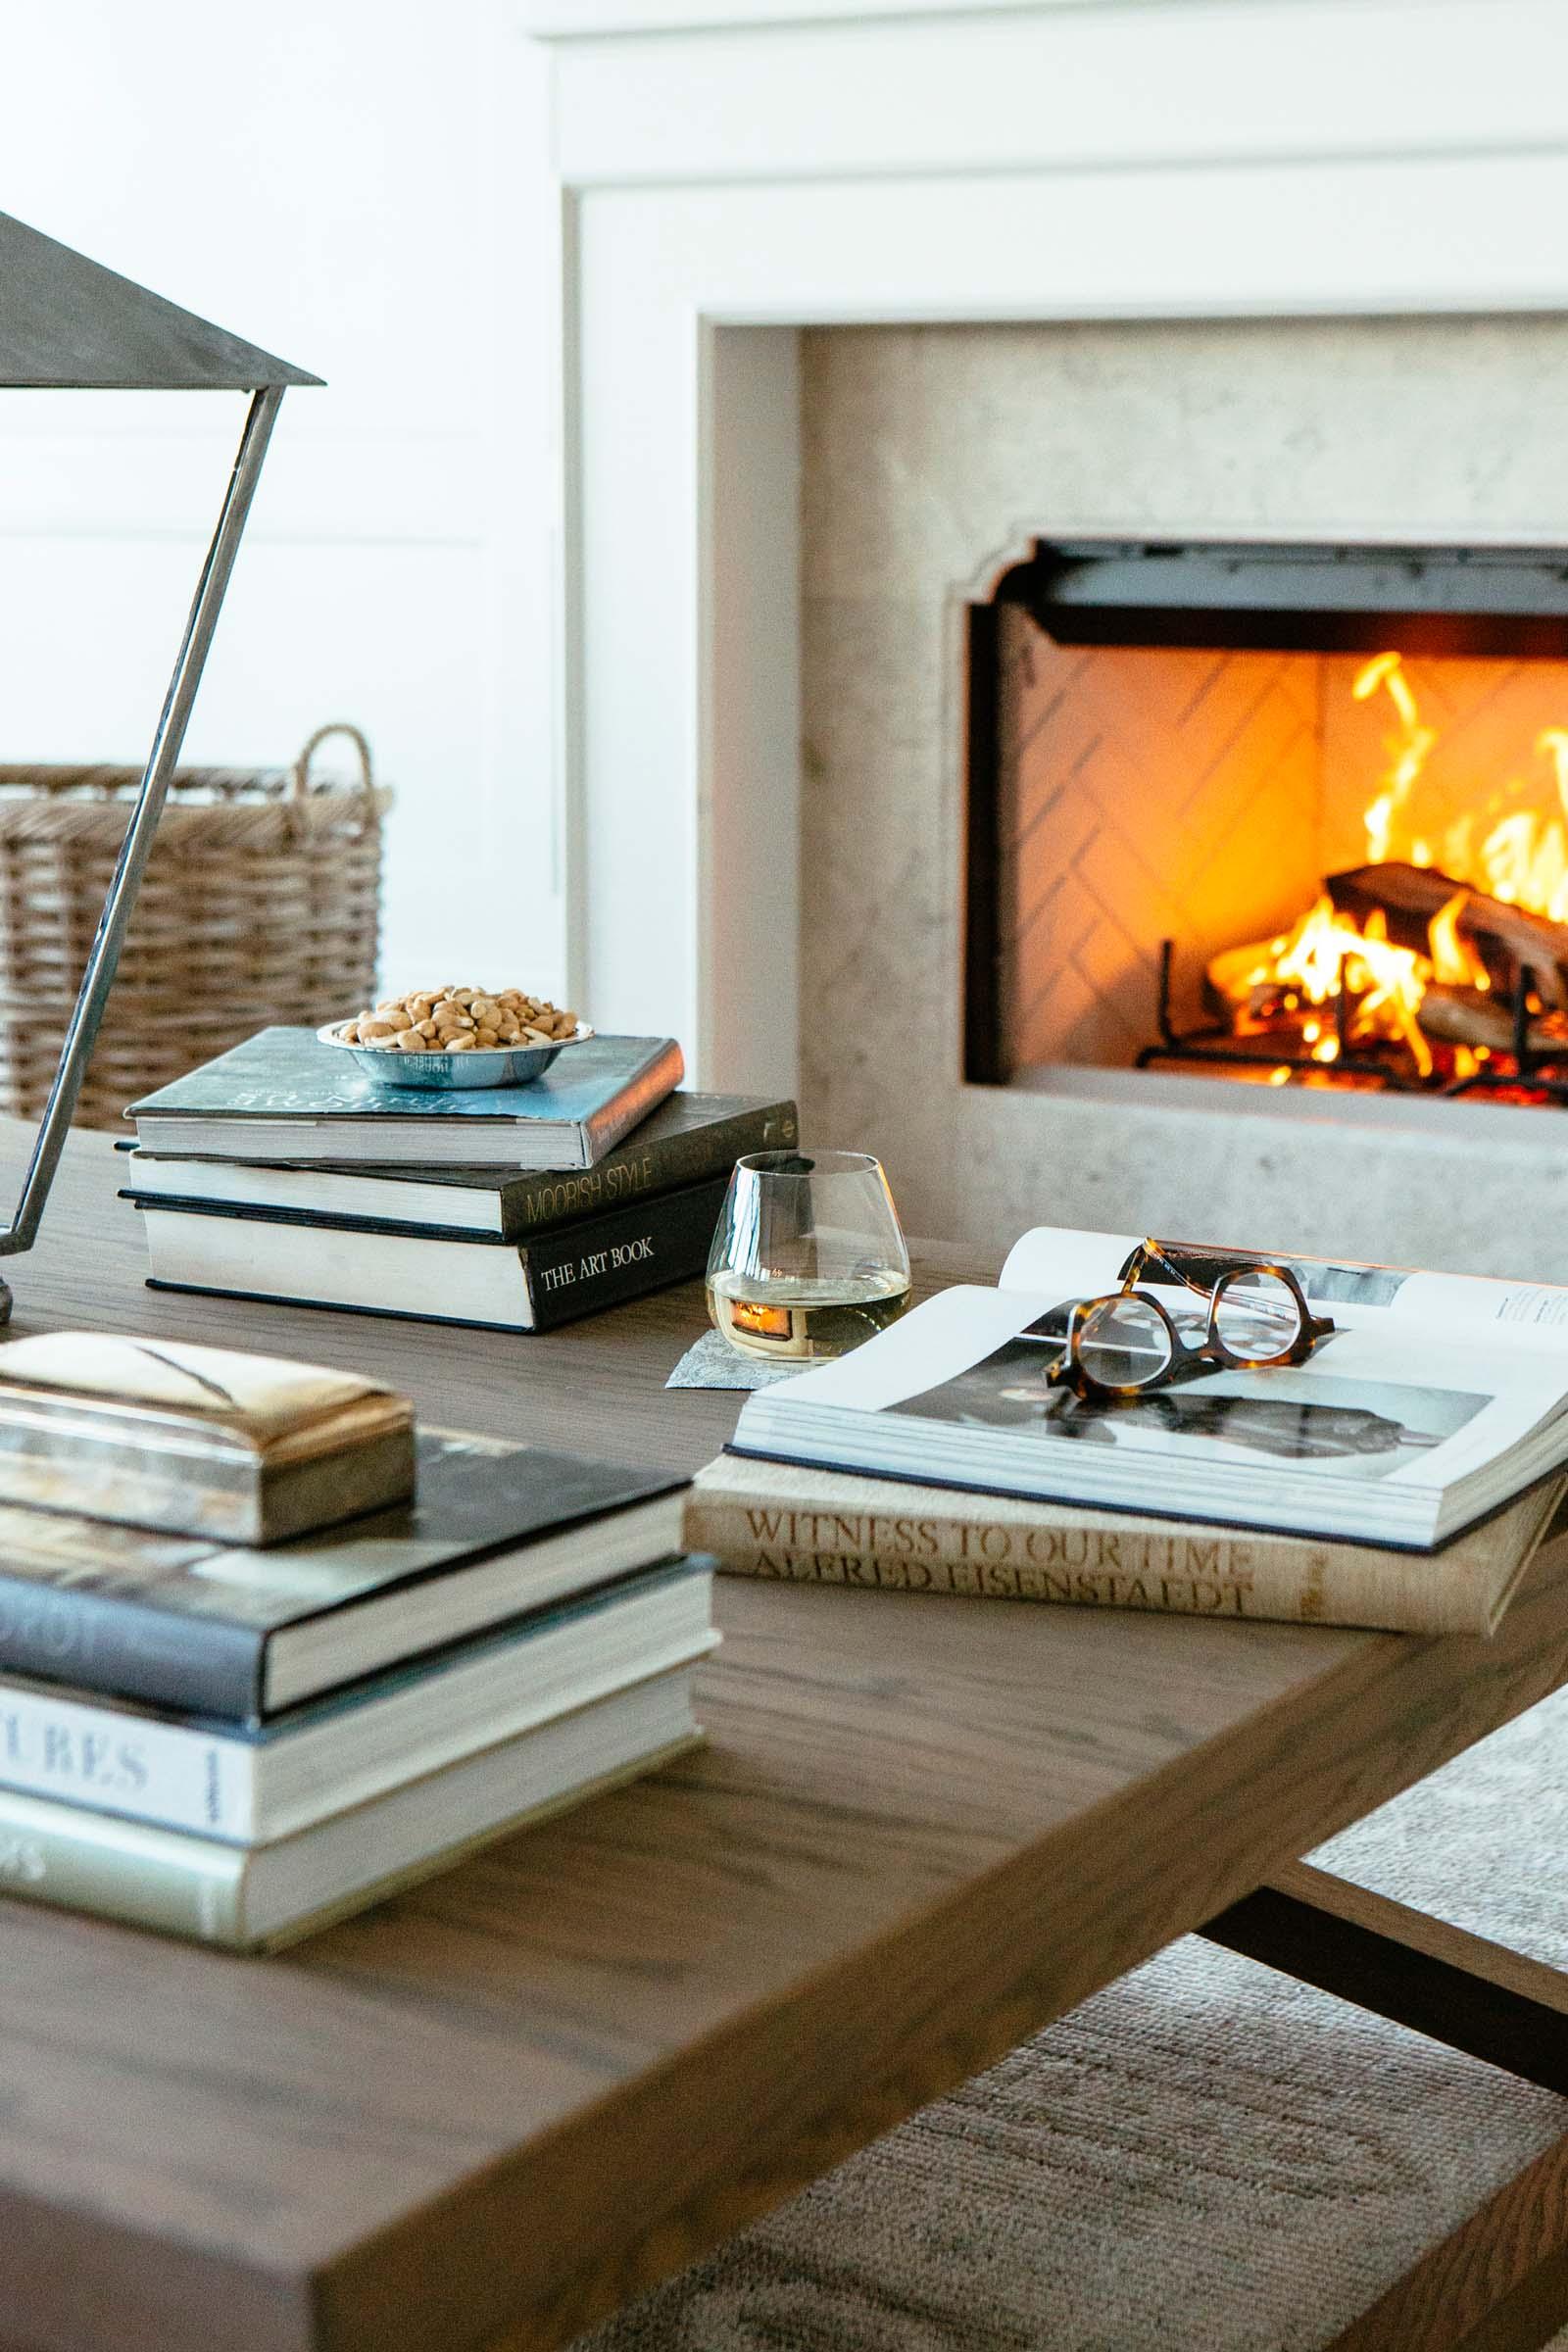 Leo_Designs_Chicago_interior_design_grand_haven_beach_refuge10.jpg